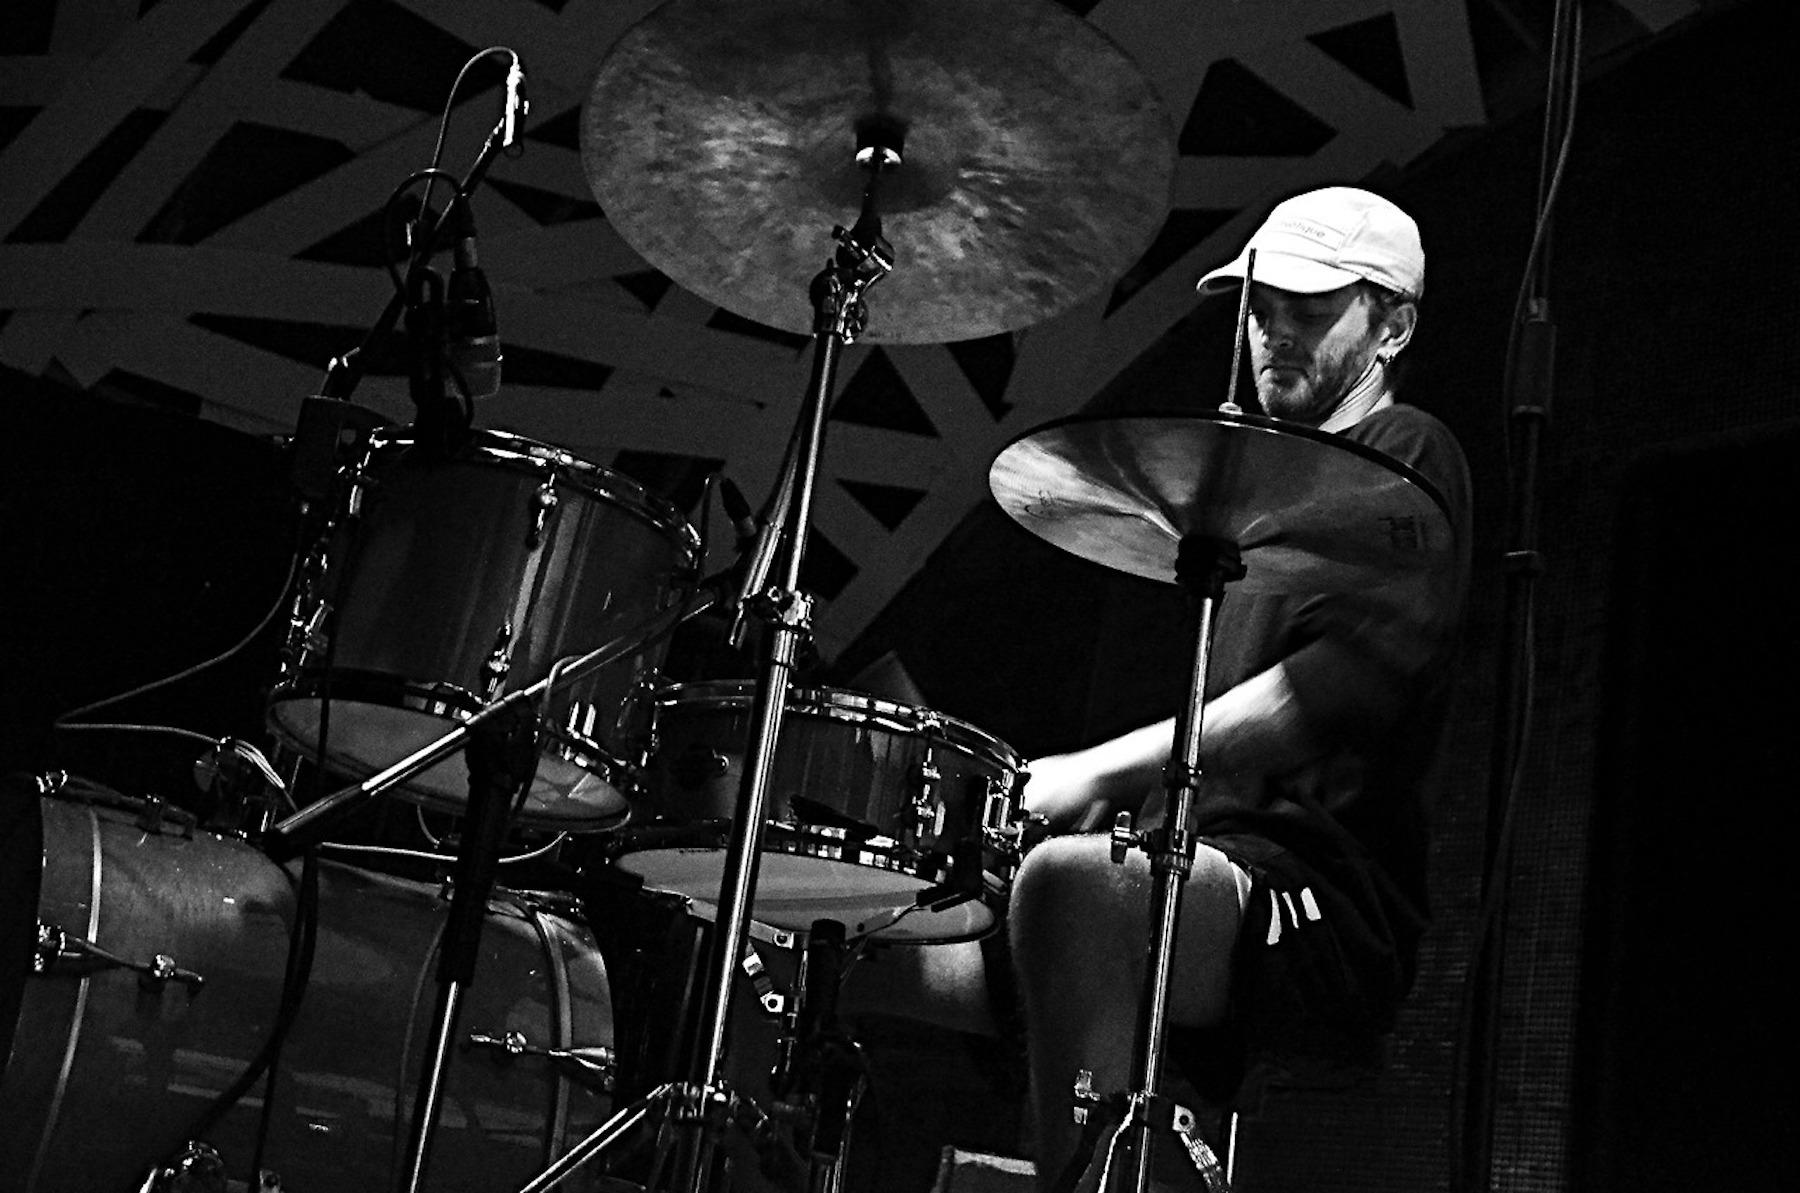 Greg Fox, Bruno Contreira at ADAO (OUT.RA-Associação Cultural) 09:17 4.jpg